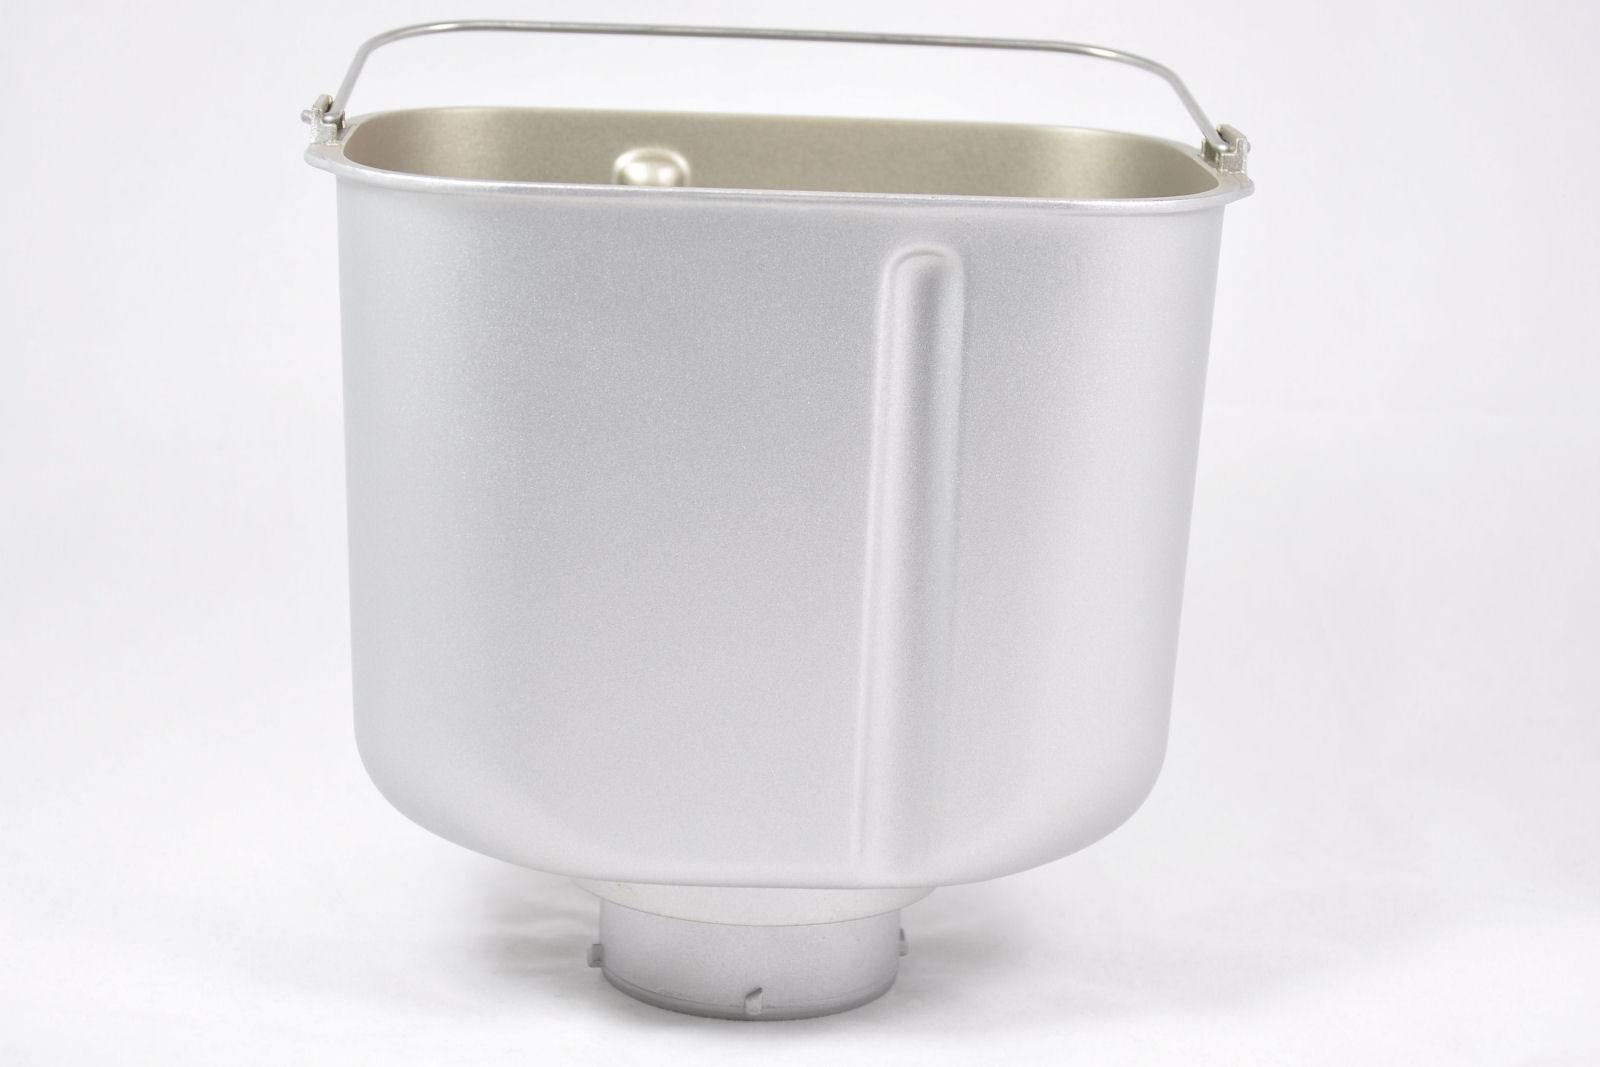 Bread Pan For Panasonic Bread Maker Ovens